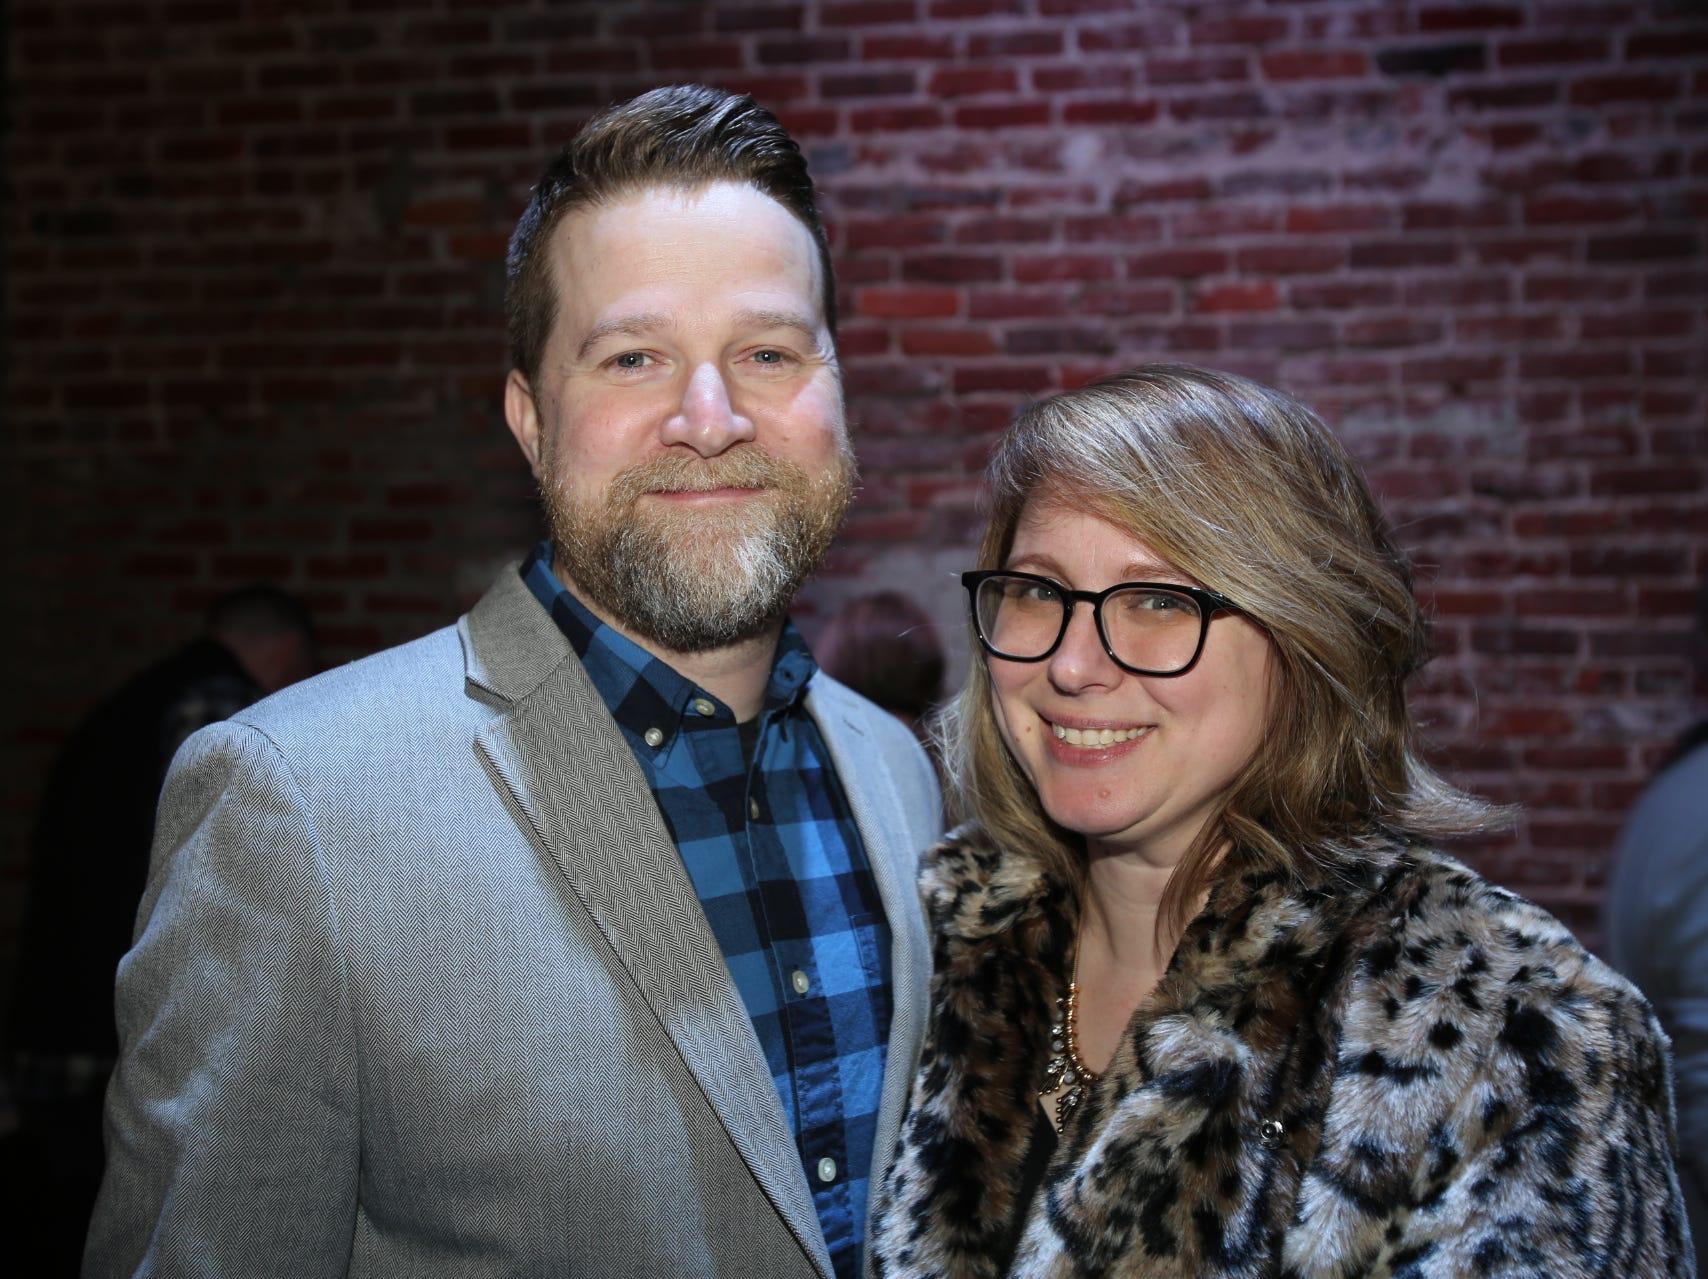 Dan and Nicole Chilton